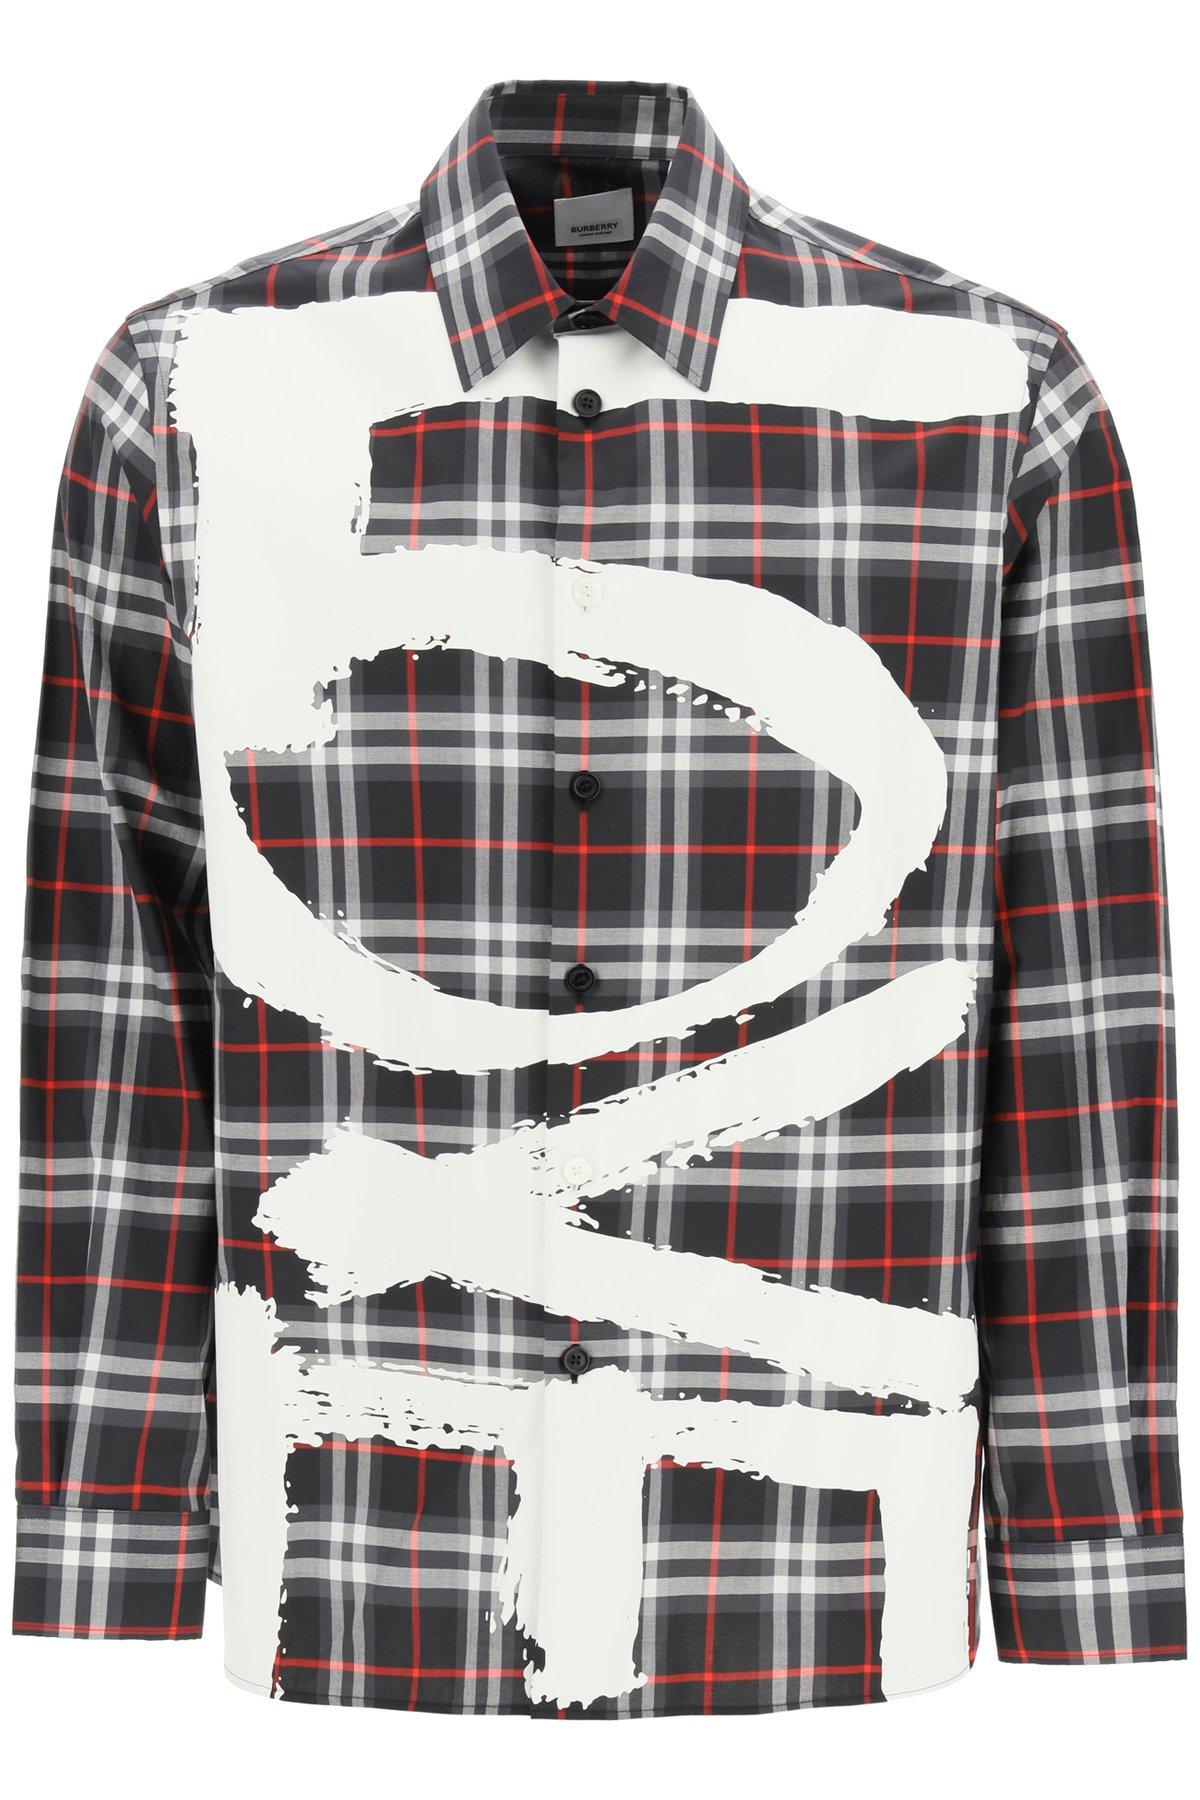 Burberry camicia tavington vintage check stampa love